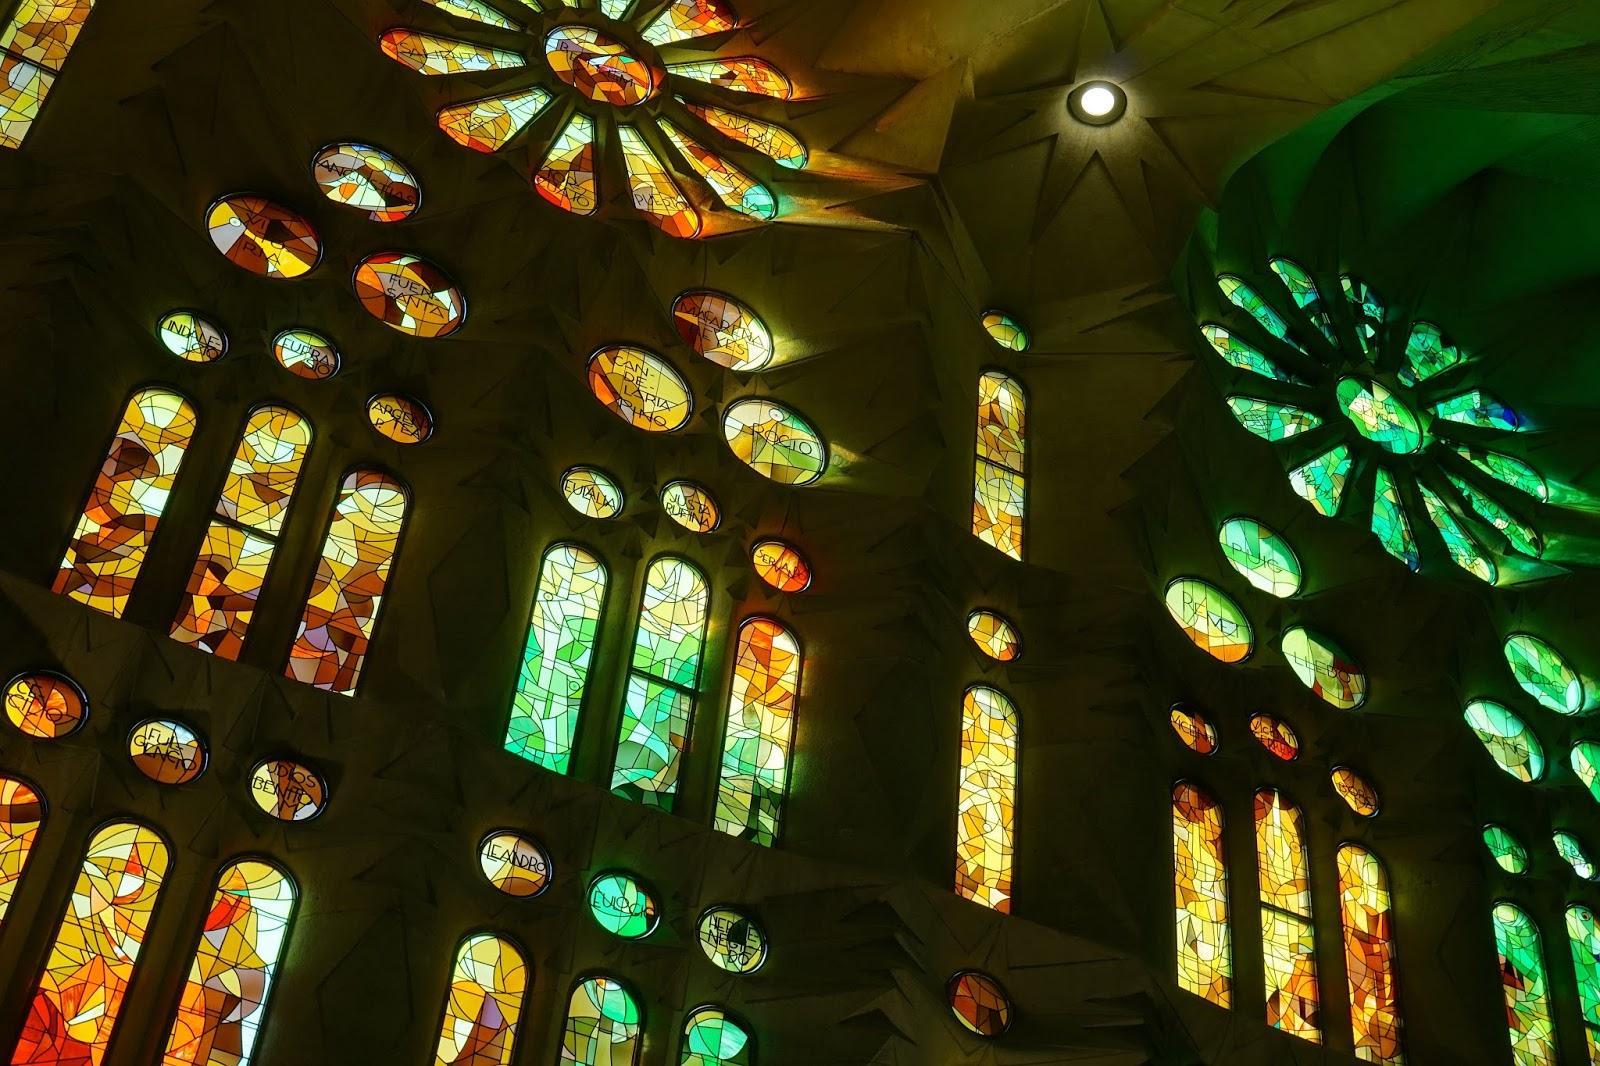 サグラダ・ファミリア (Sagrada Familia) 側廊のステンド・グラス